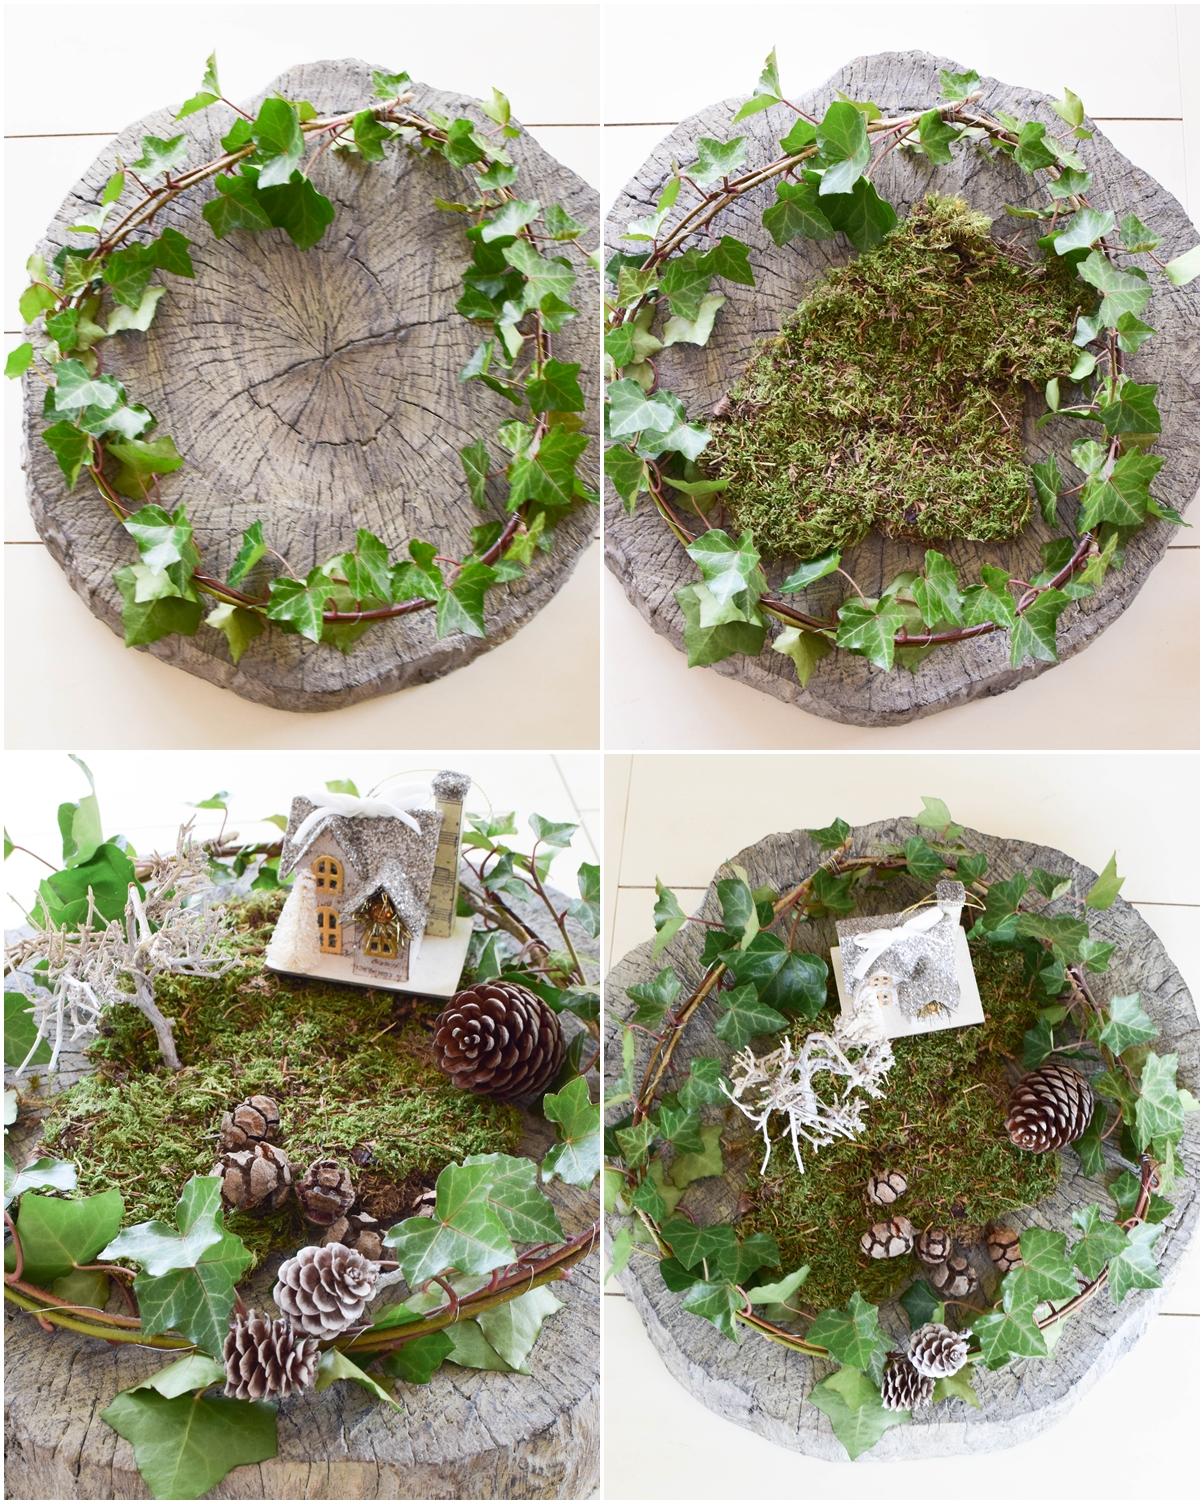 DIY Tischdeko, Dekoidee für den Tisch und Konsole mit Natur, Hirsch, Efeu. Moos. Schale, Dekoidee, Winnter Herbst, Deko, Dekoration, DIY